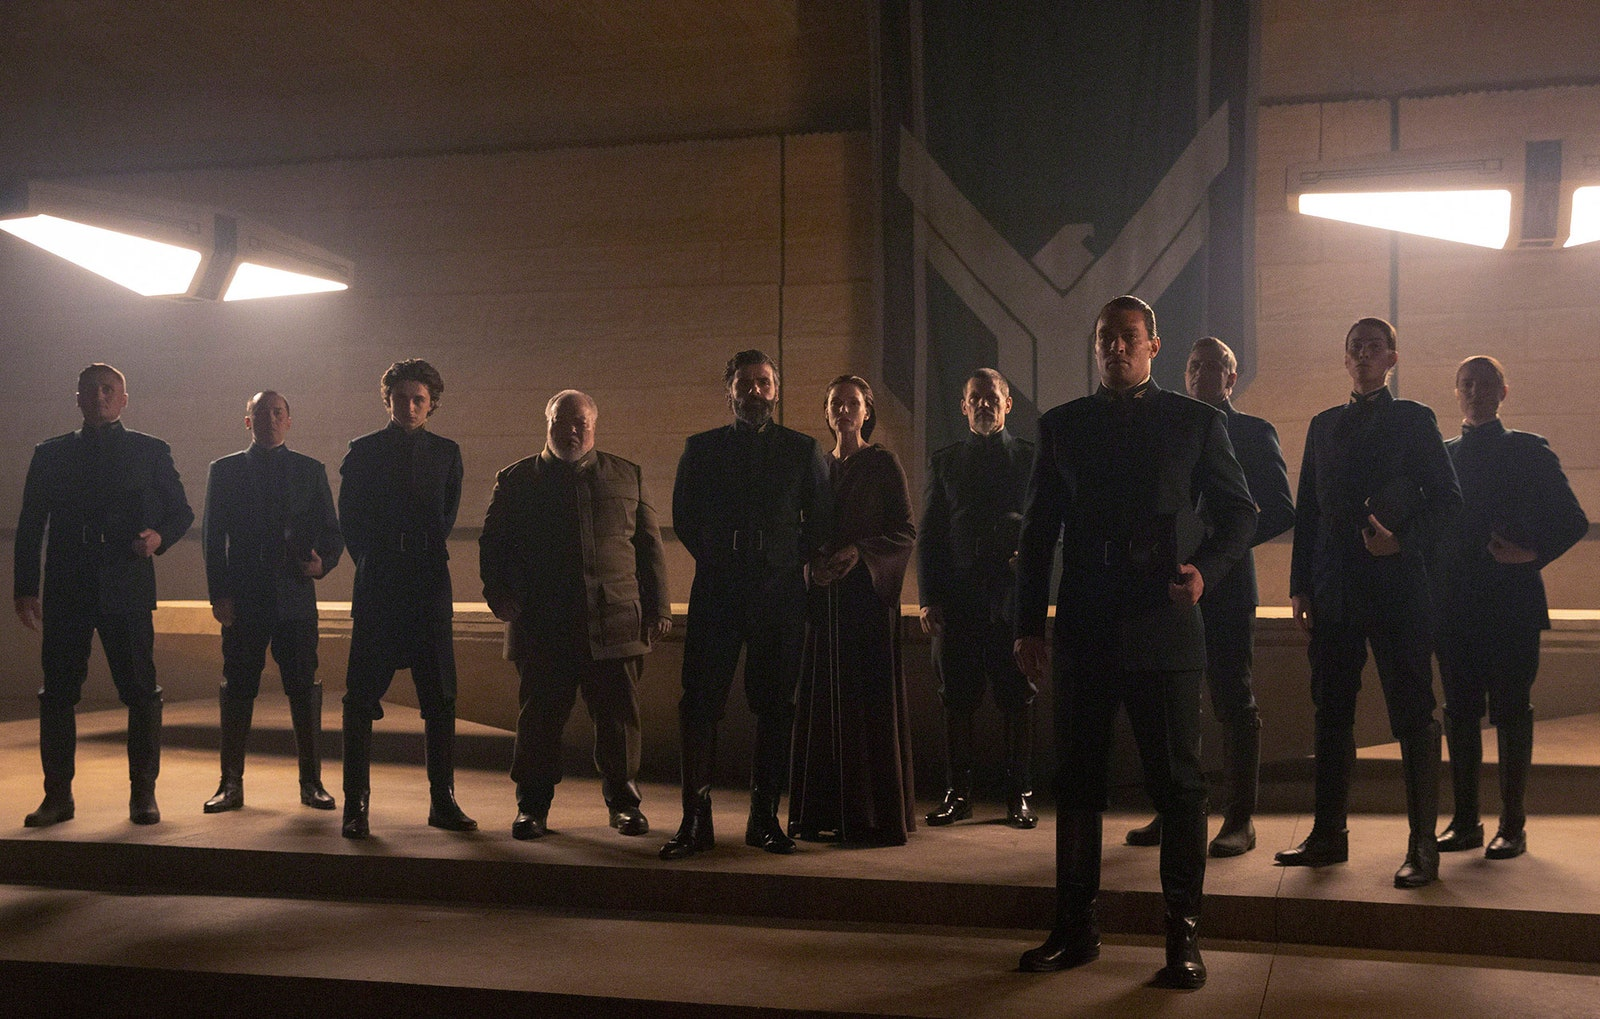 Dune-Villeneuve-cast-immagini